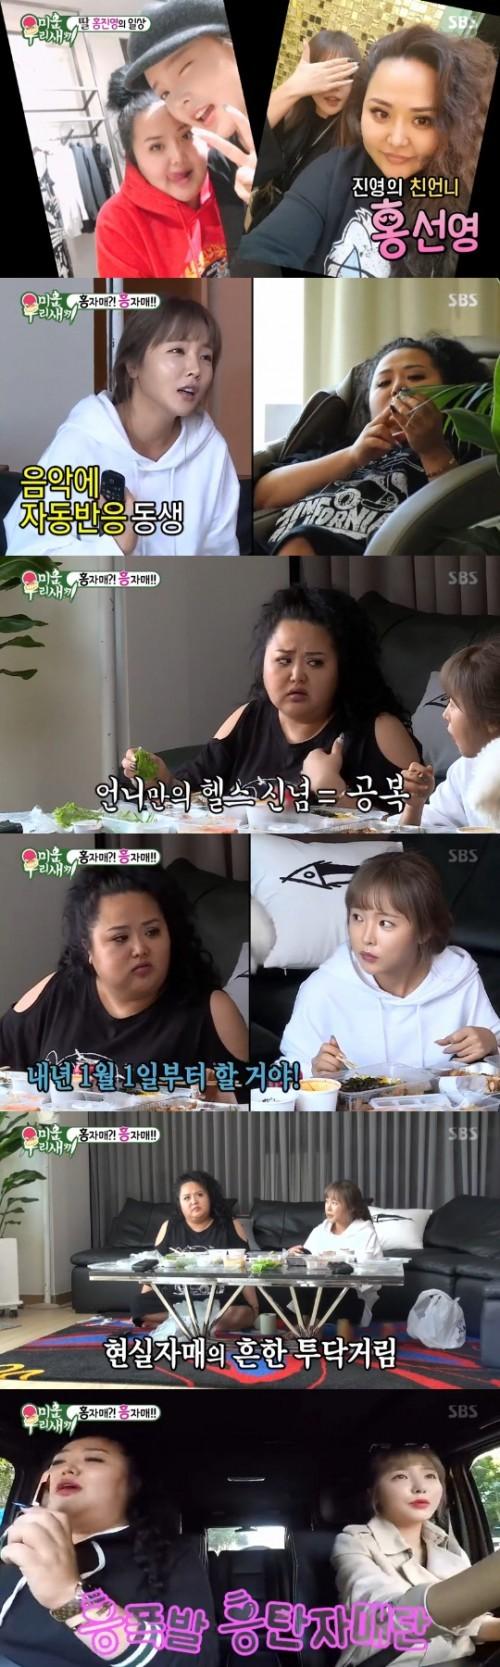 '미운우리새끼' 홍진영 언니 홍선영 등장으로 시청률 상승